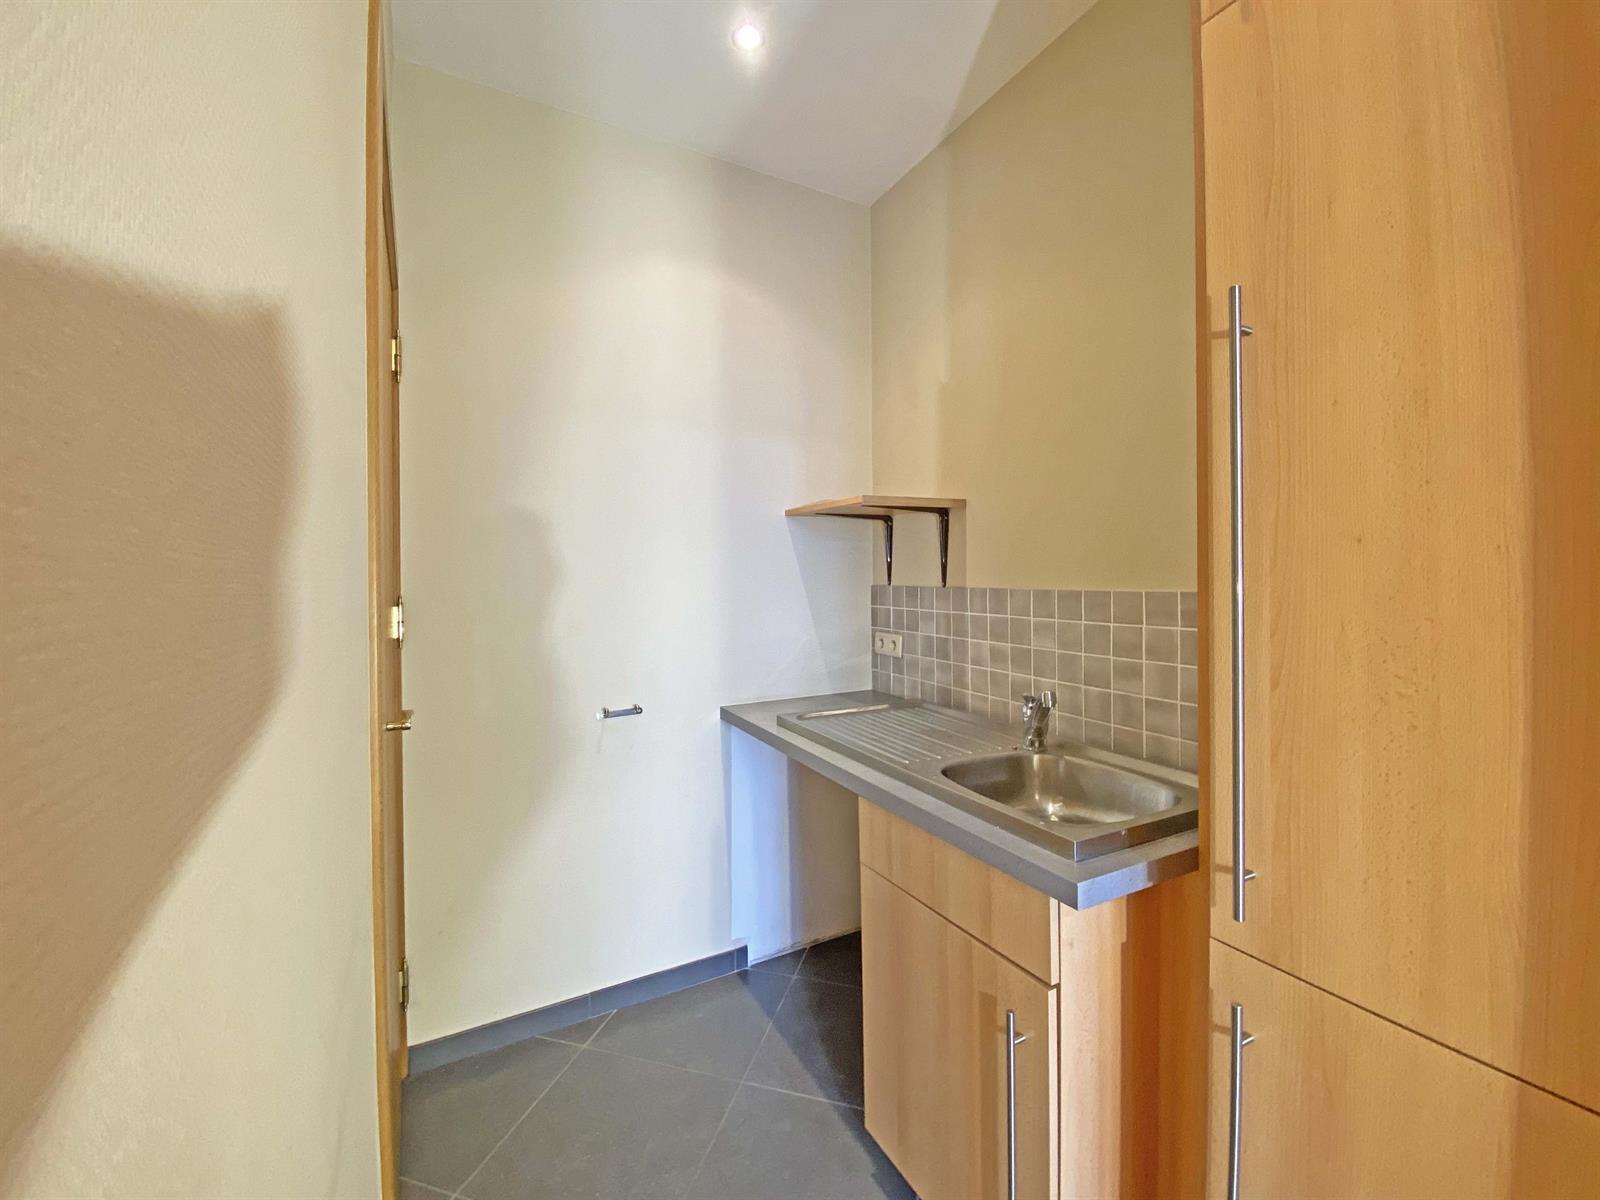 Appartement - Neufchâteau - #4360958-4